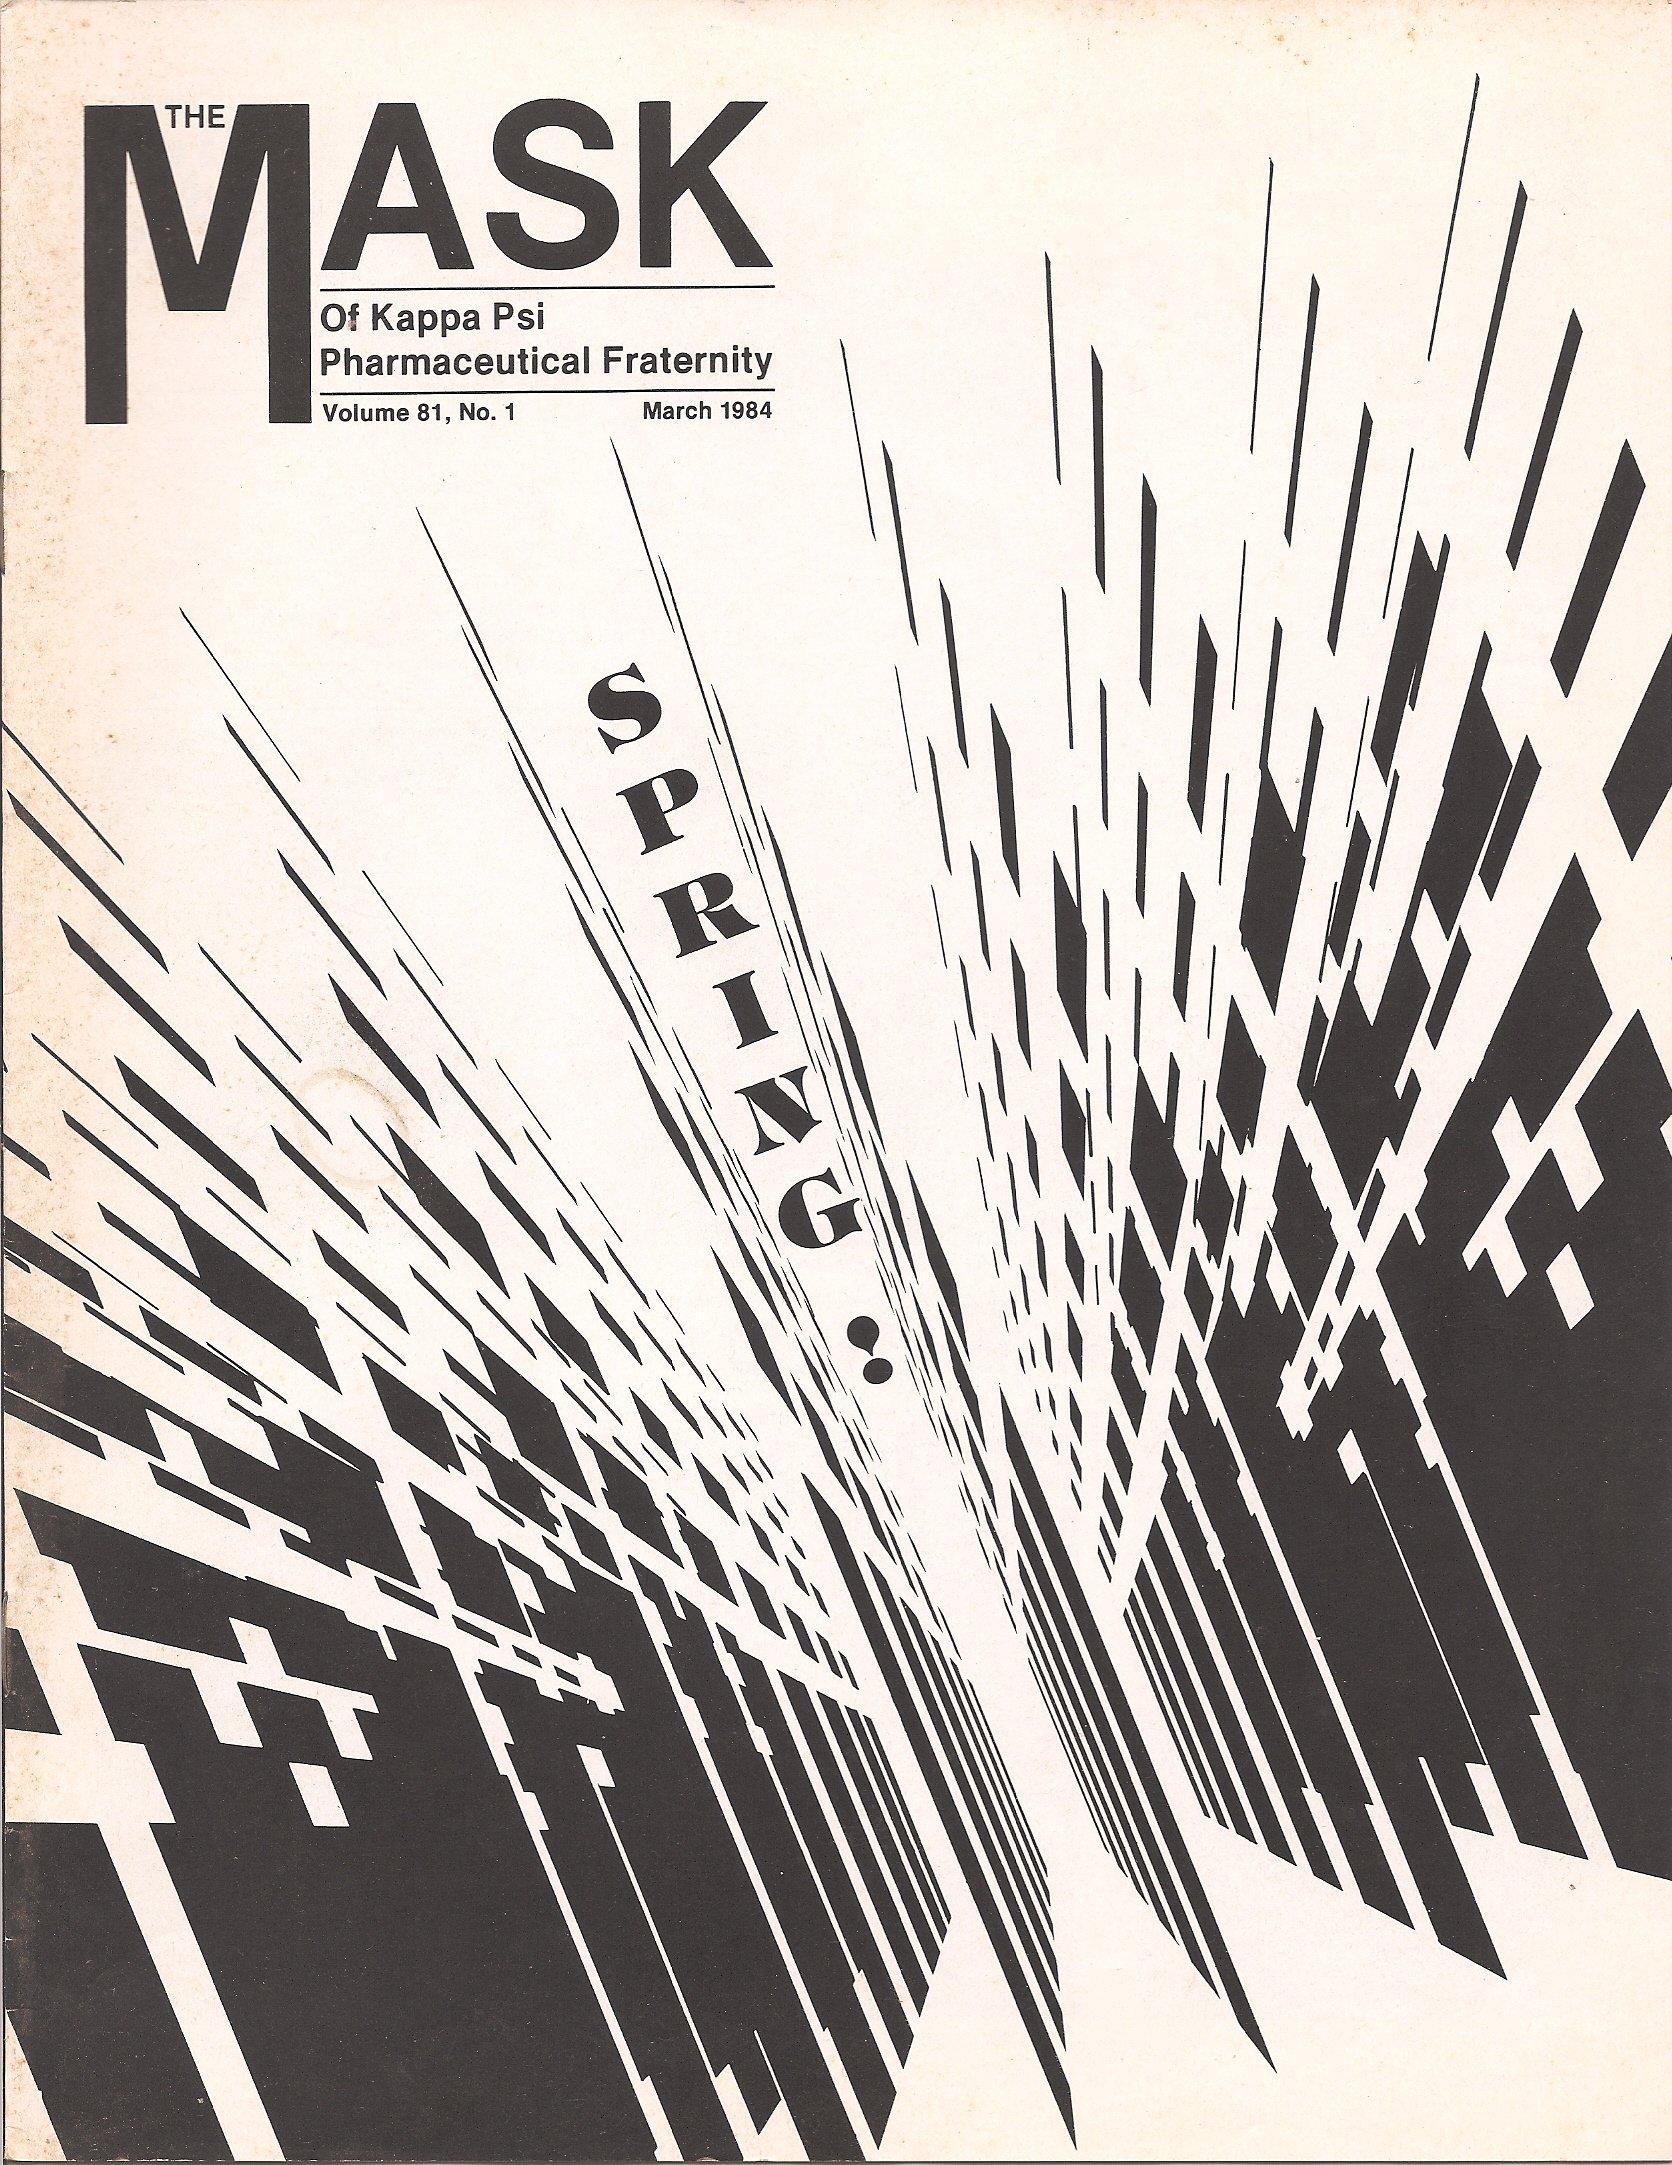 mask_cover_03_1984.jpg